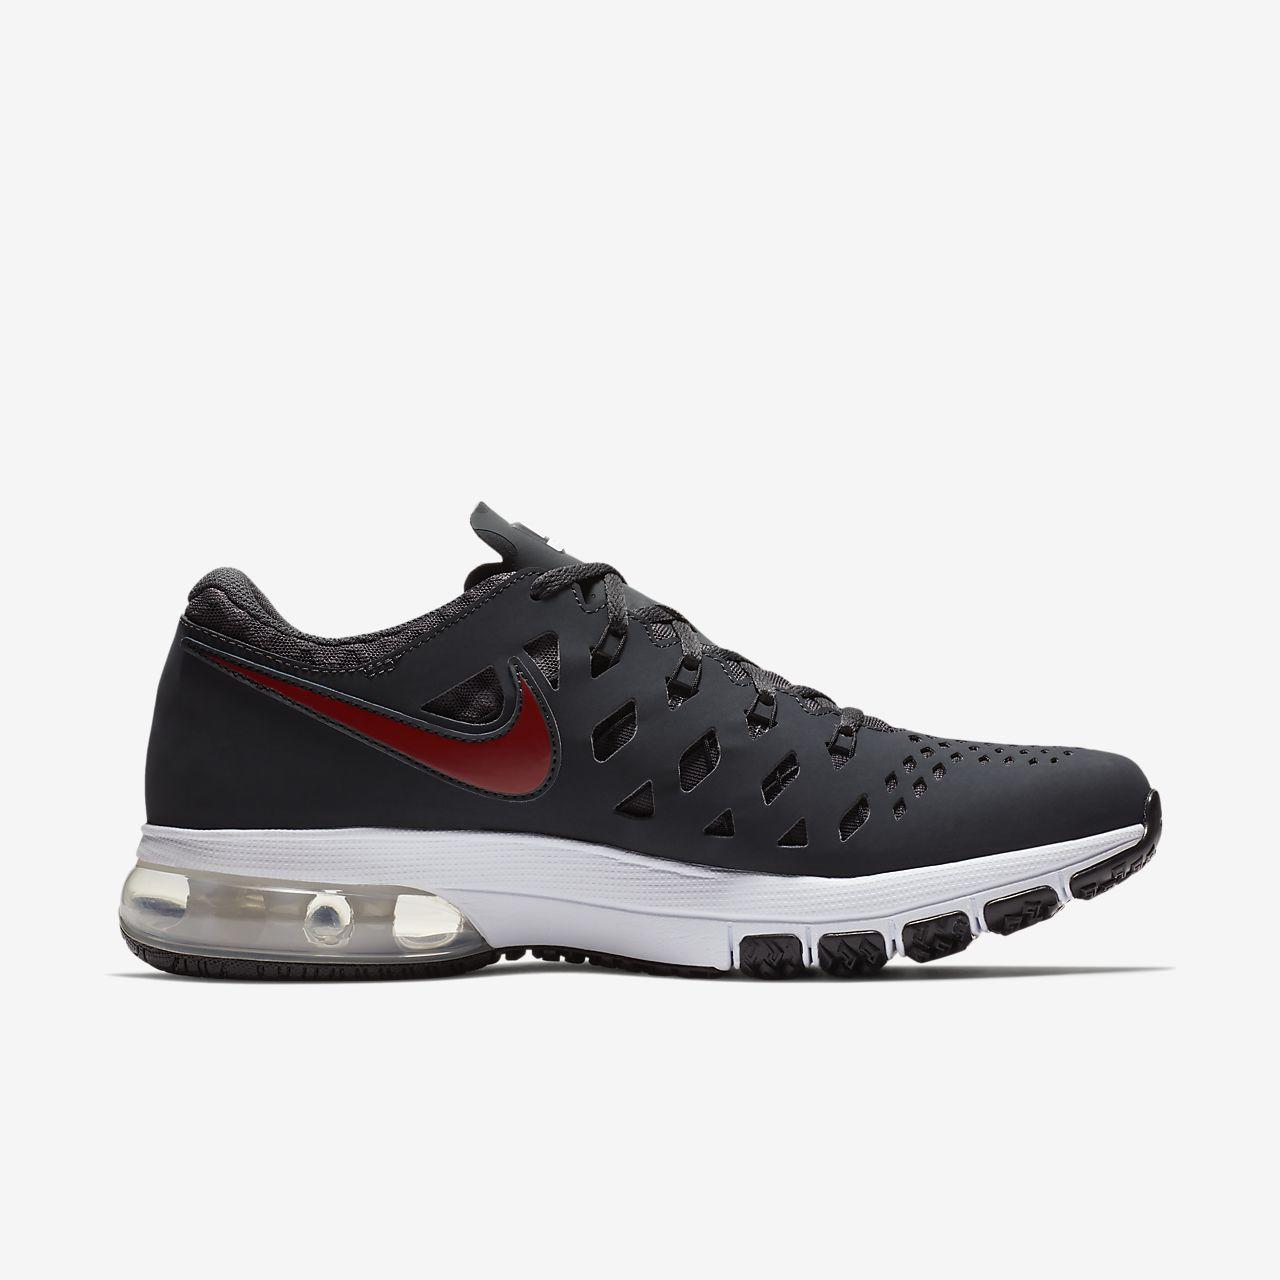 Nike Sportswear Men Black/Black Model:180